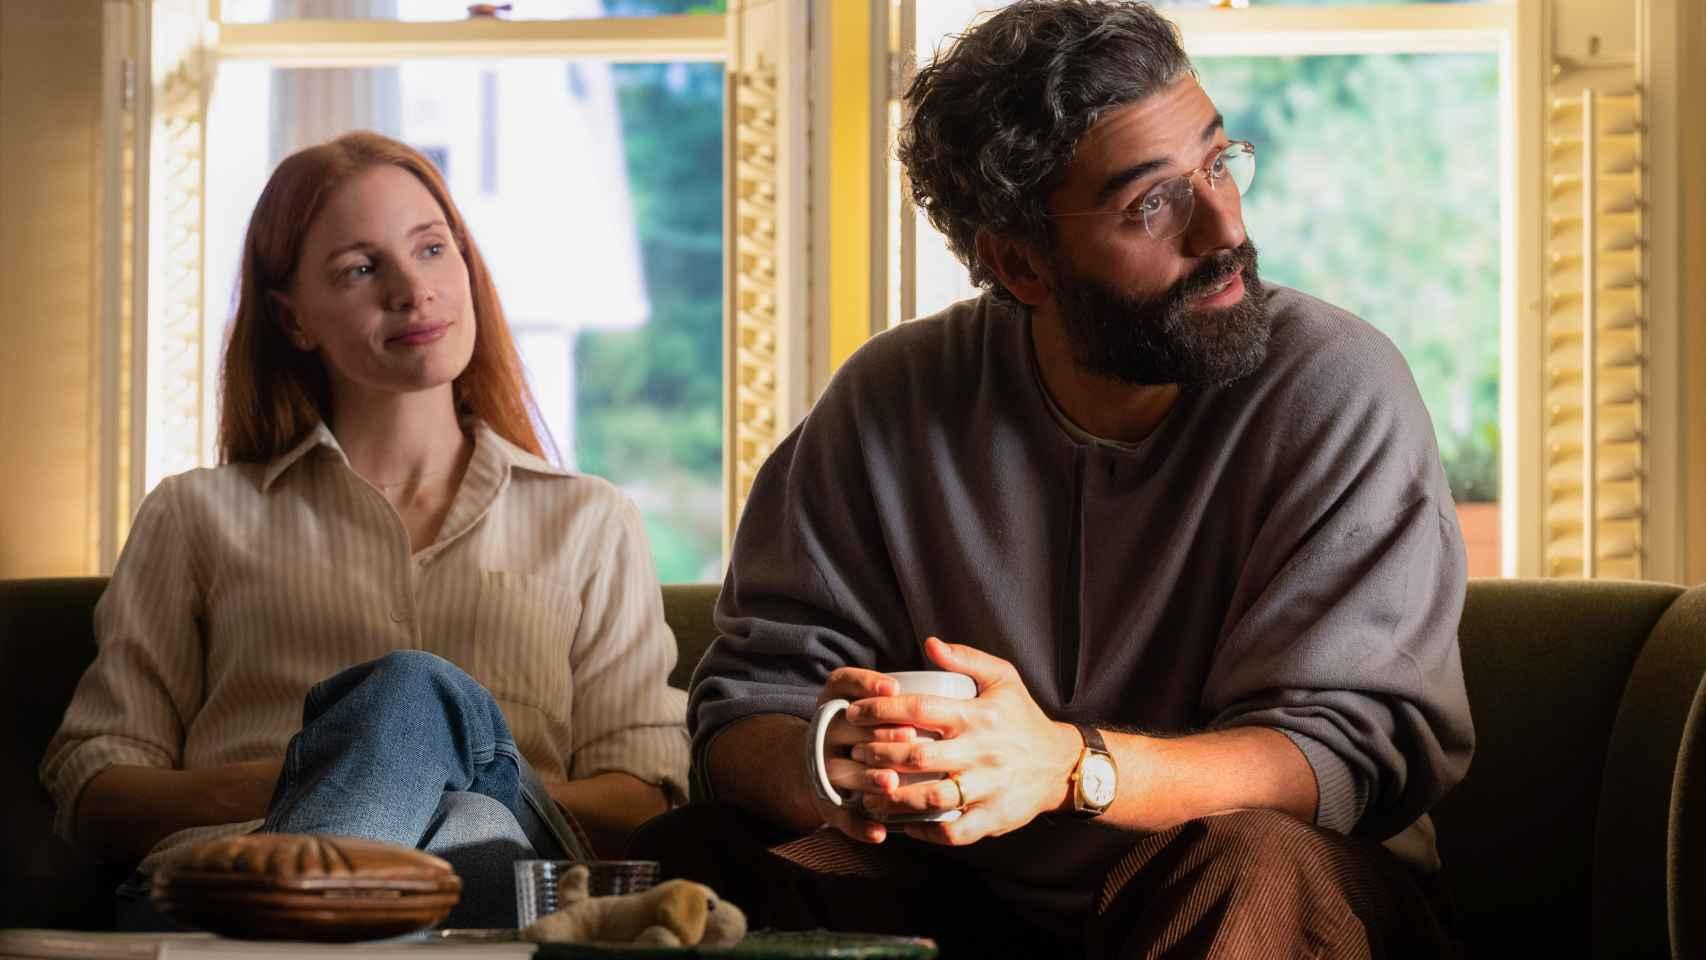 'Secretos de un matrimonio', primeras imágenes de la serie de HBO con Oscar Isaac y Jessica Chastain.